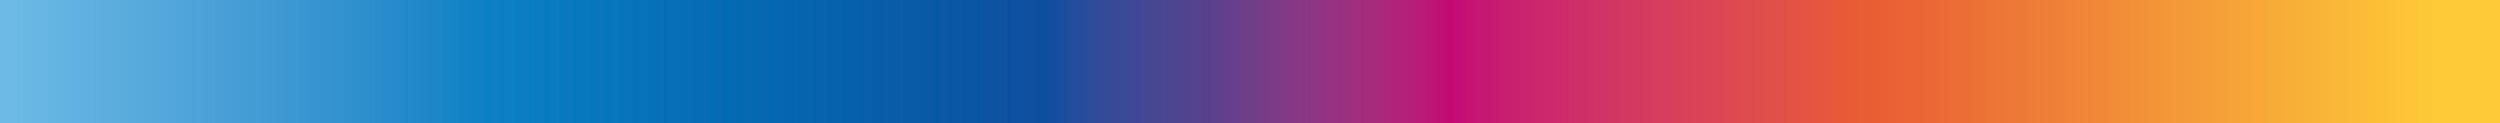 TeamSystem-fascia-arcobaleno